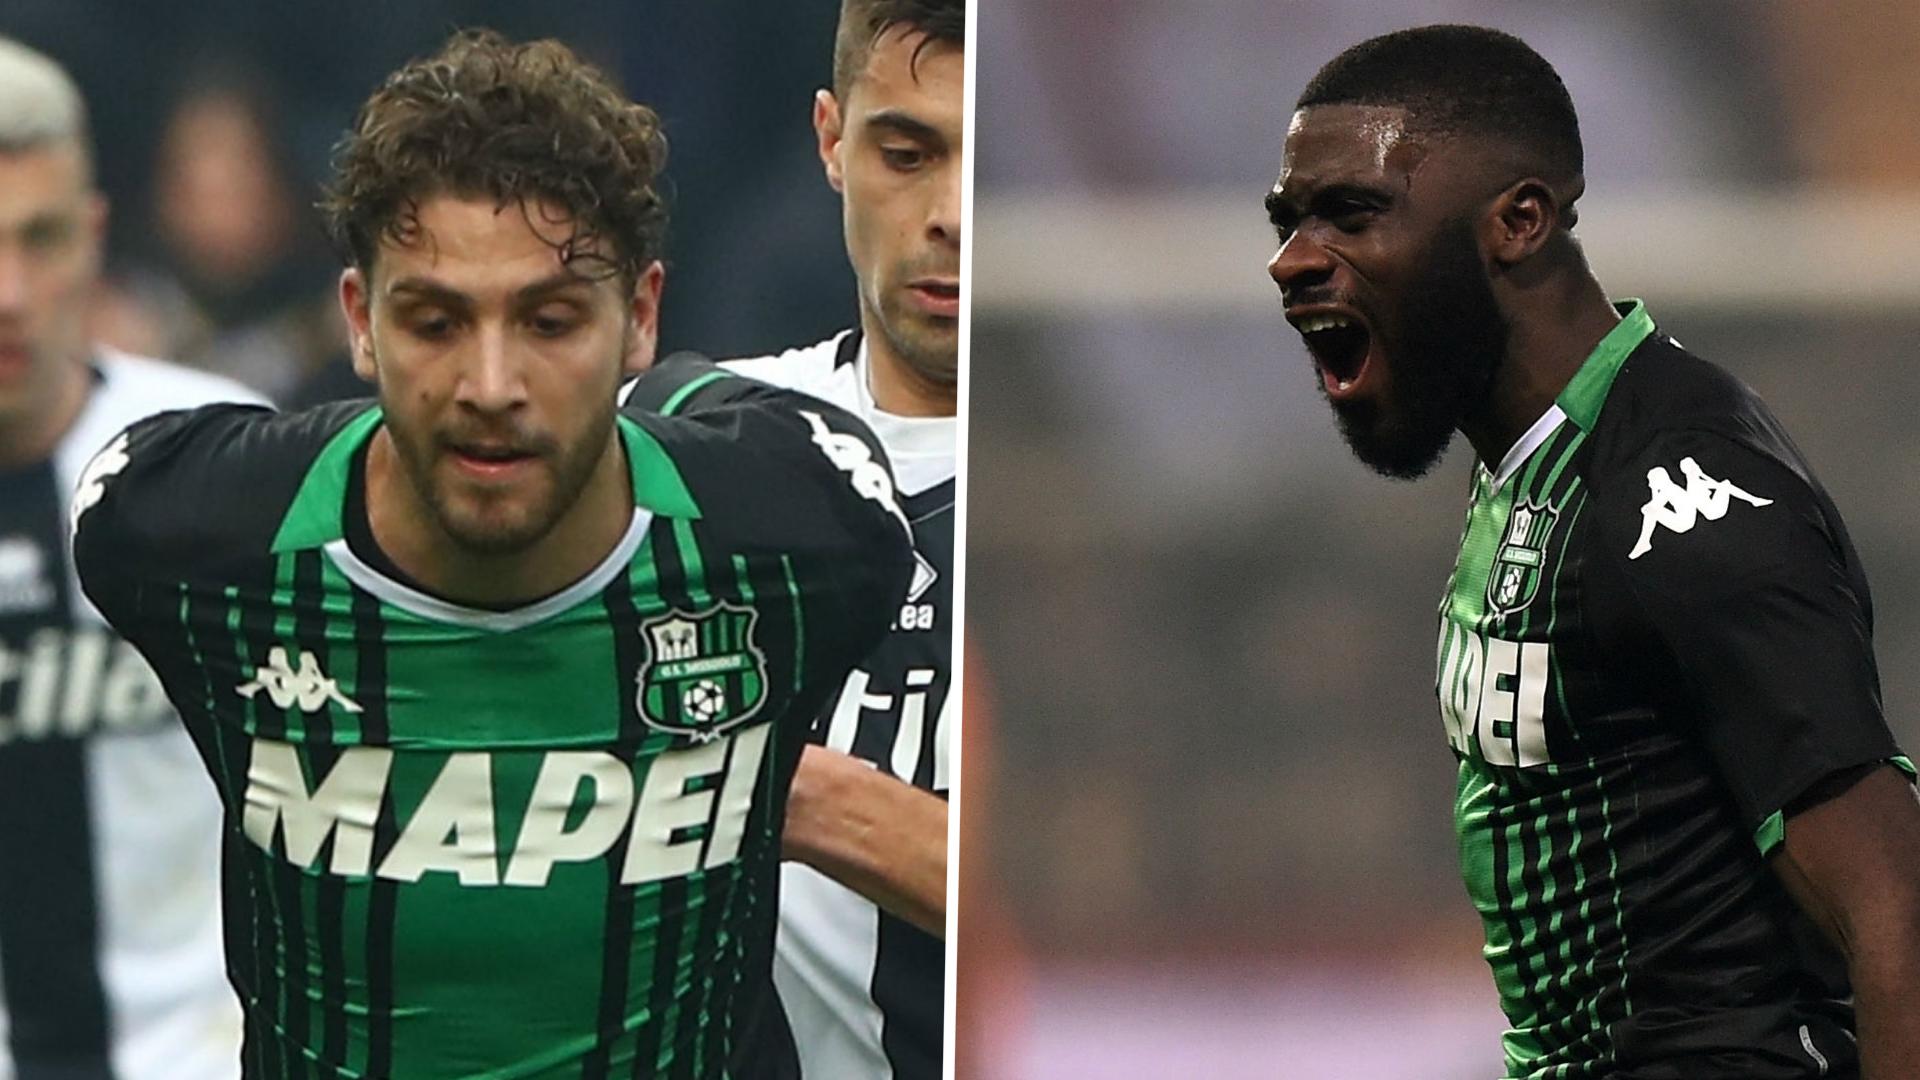 Calciomercato Juventus: contatti con l'Ajax per Dest. Piace anche Locatelli